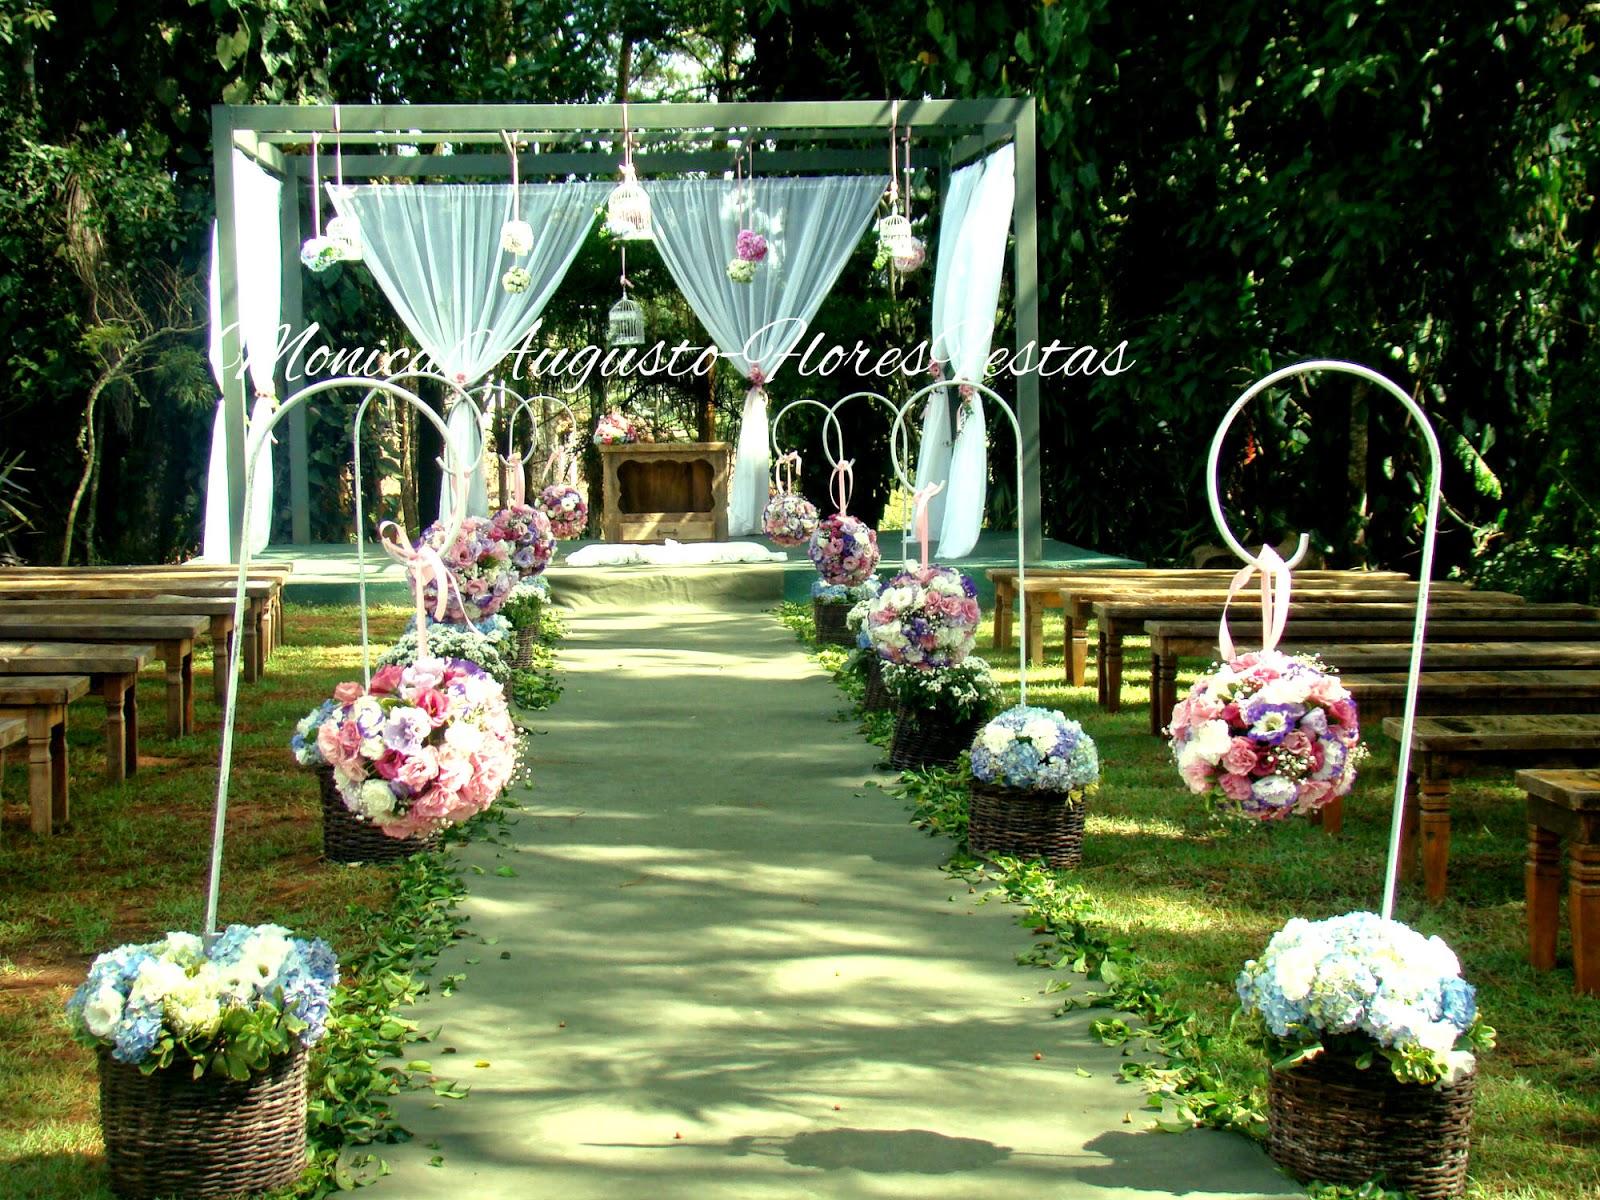 decoracao casamento chacara:SUZANO- Casamentos Decoração de Festas,Igrejas e Salões